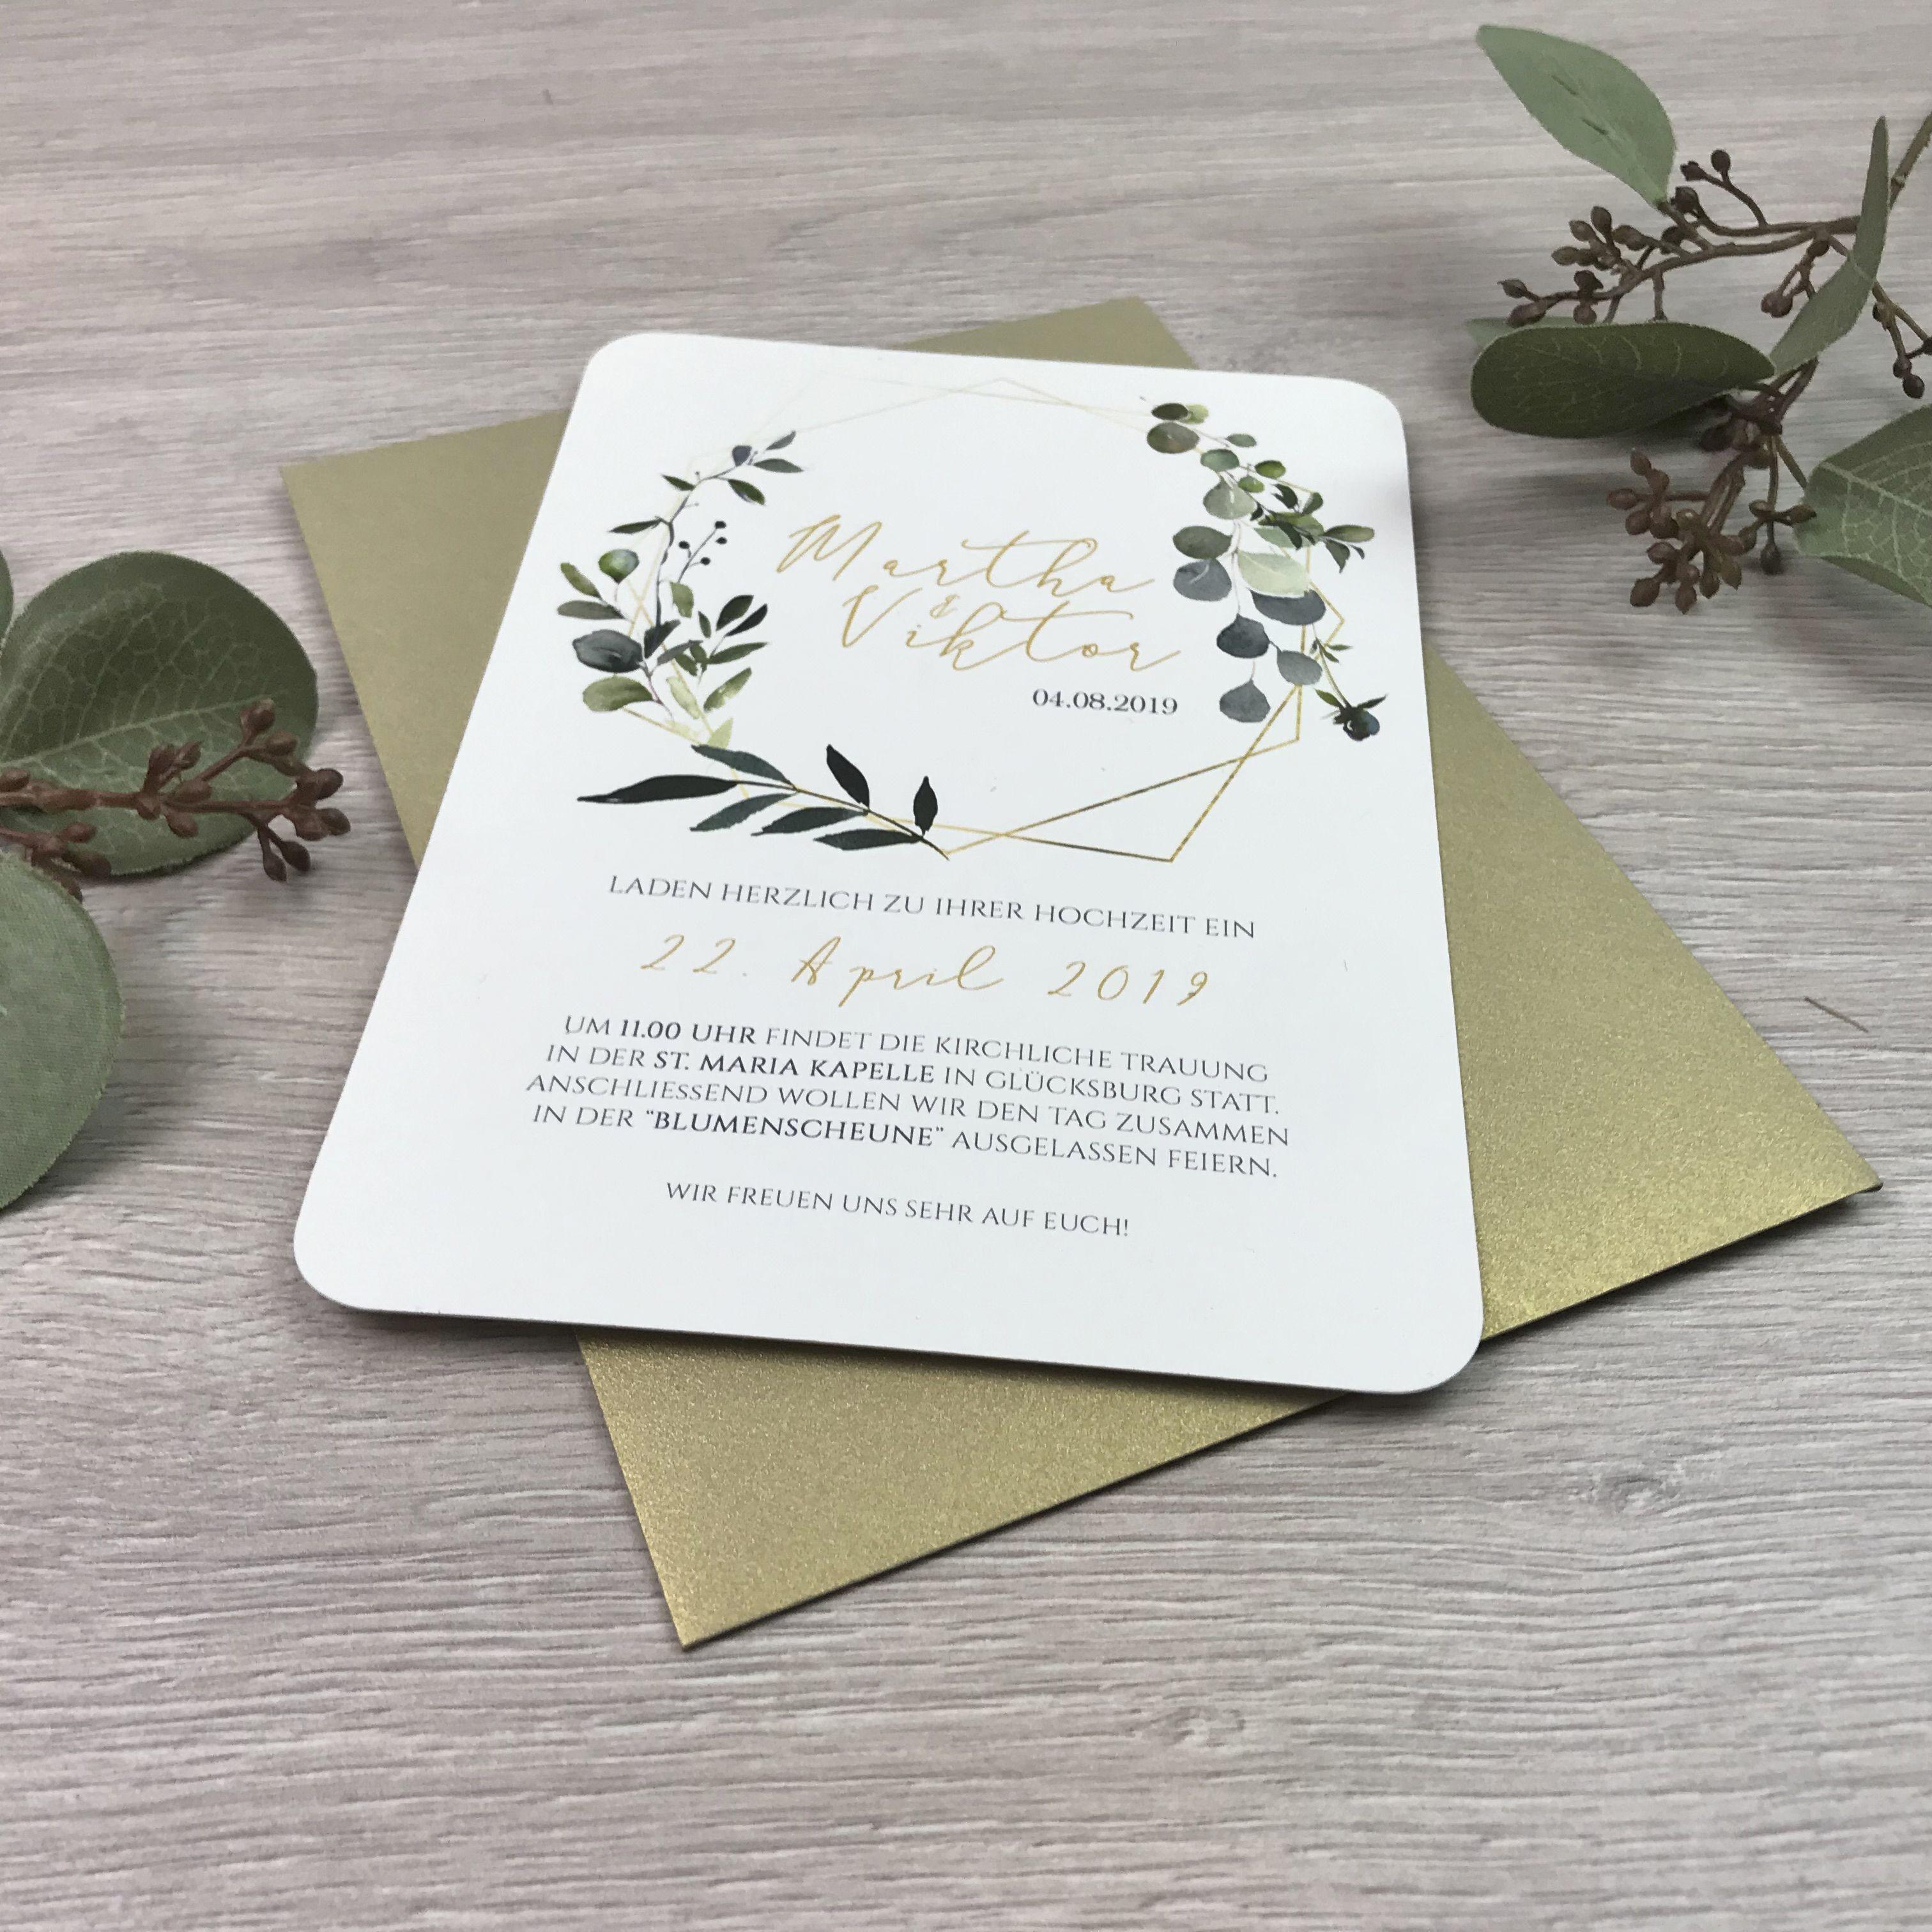 Einladung Hochzeit Boho Gold Eukalyptus Kranz I Rahmen I Geometrisch Mywedd Hochzeitseinladung Einladungen Hochzeit Einladungskarten Goldene Hochzeit